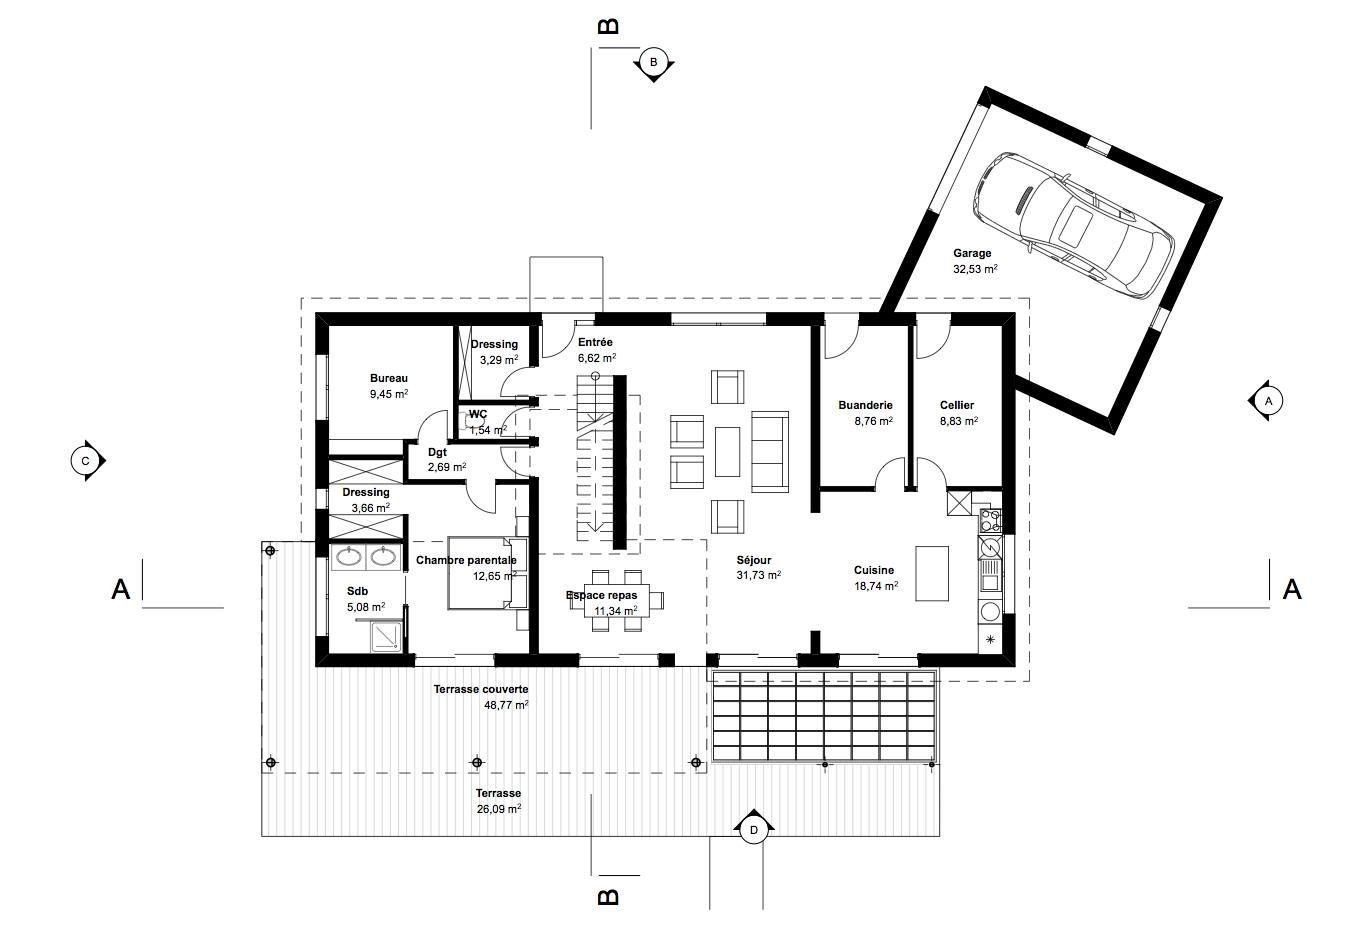 Maison Lorraine Avec Images Plans De Maison Traditionnelle Plan Maison Maison Traditionnelle